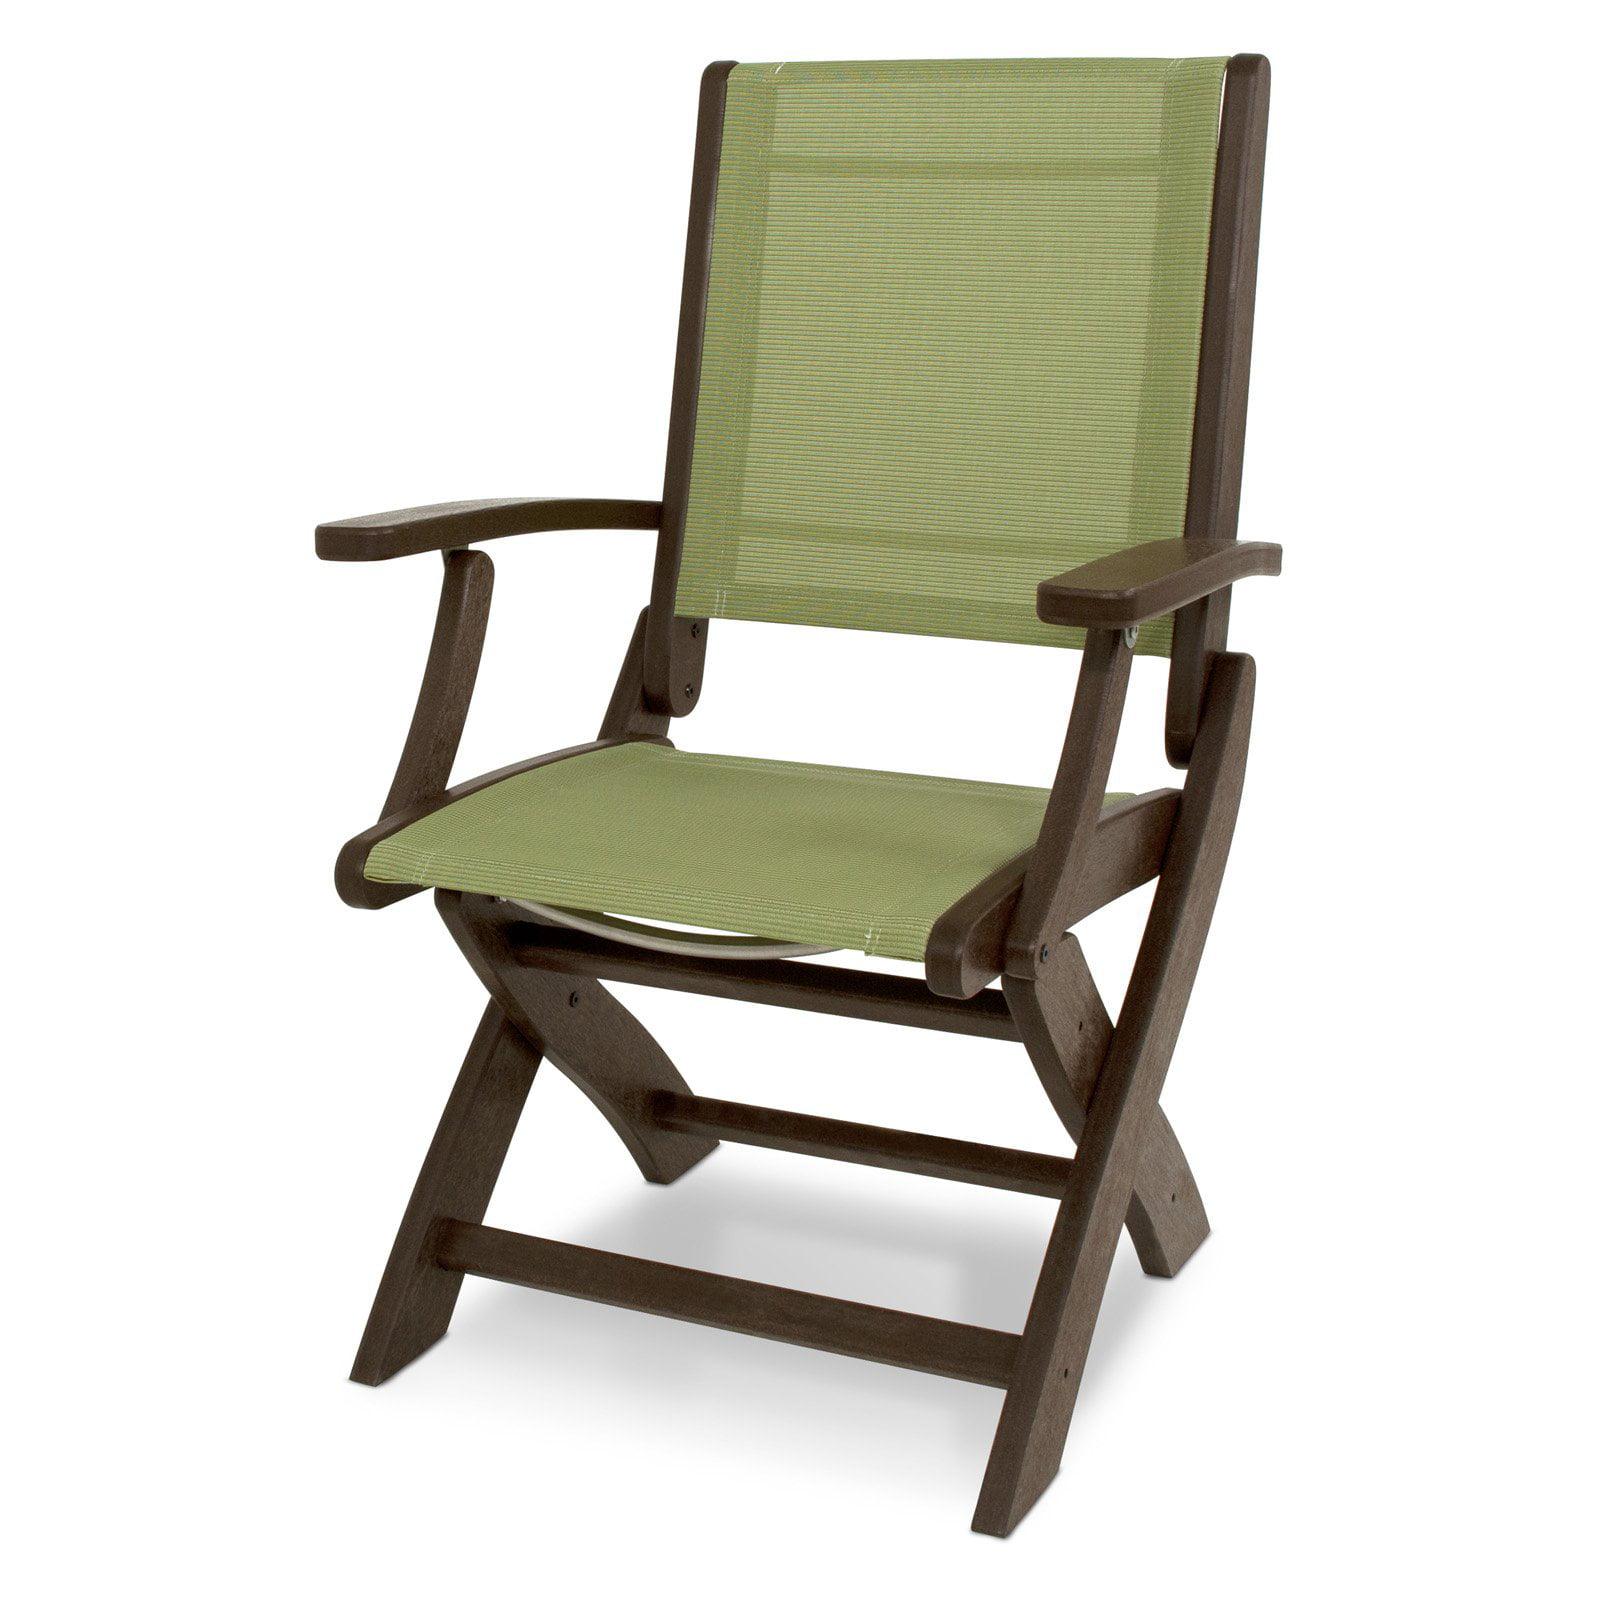 Outdoor POLYWOOD® Coastal Sling Folding Chair Mahogany Kiwi - 9000-MA911